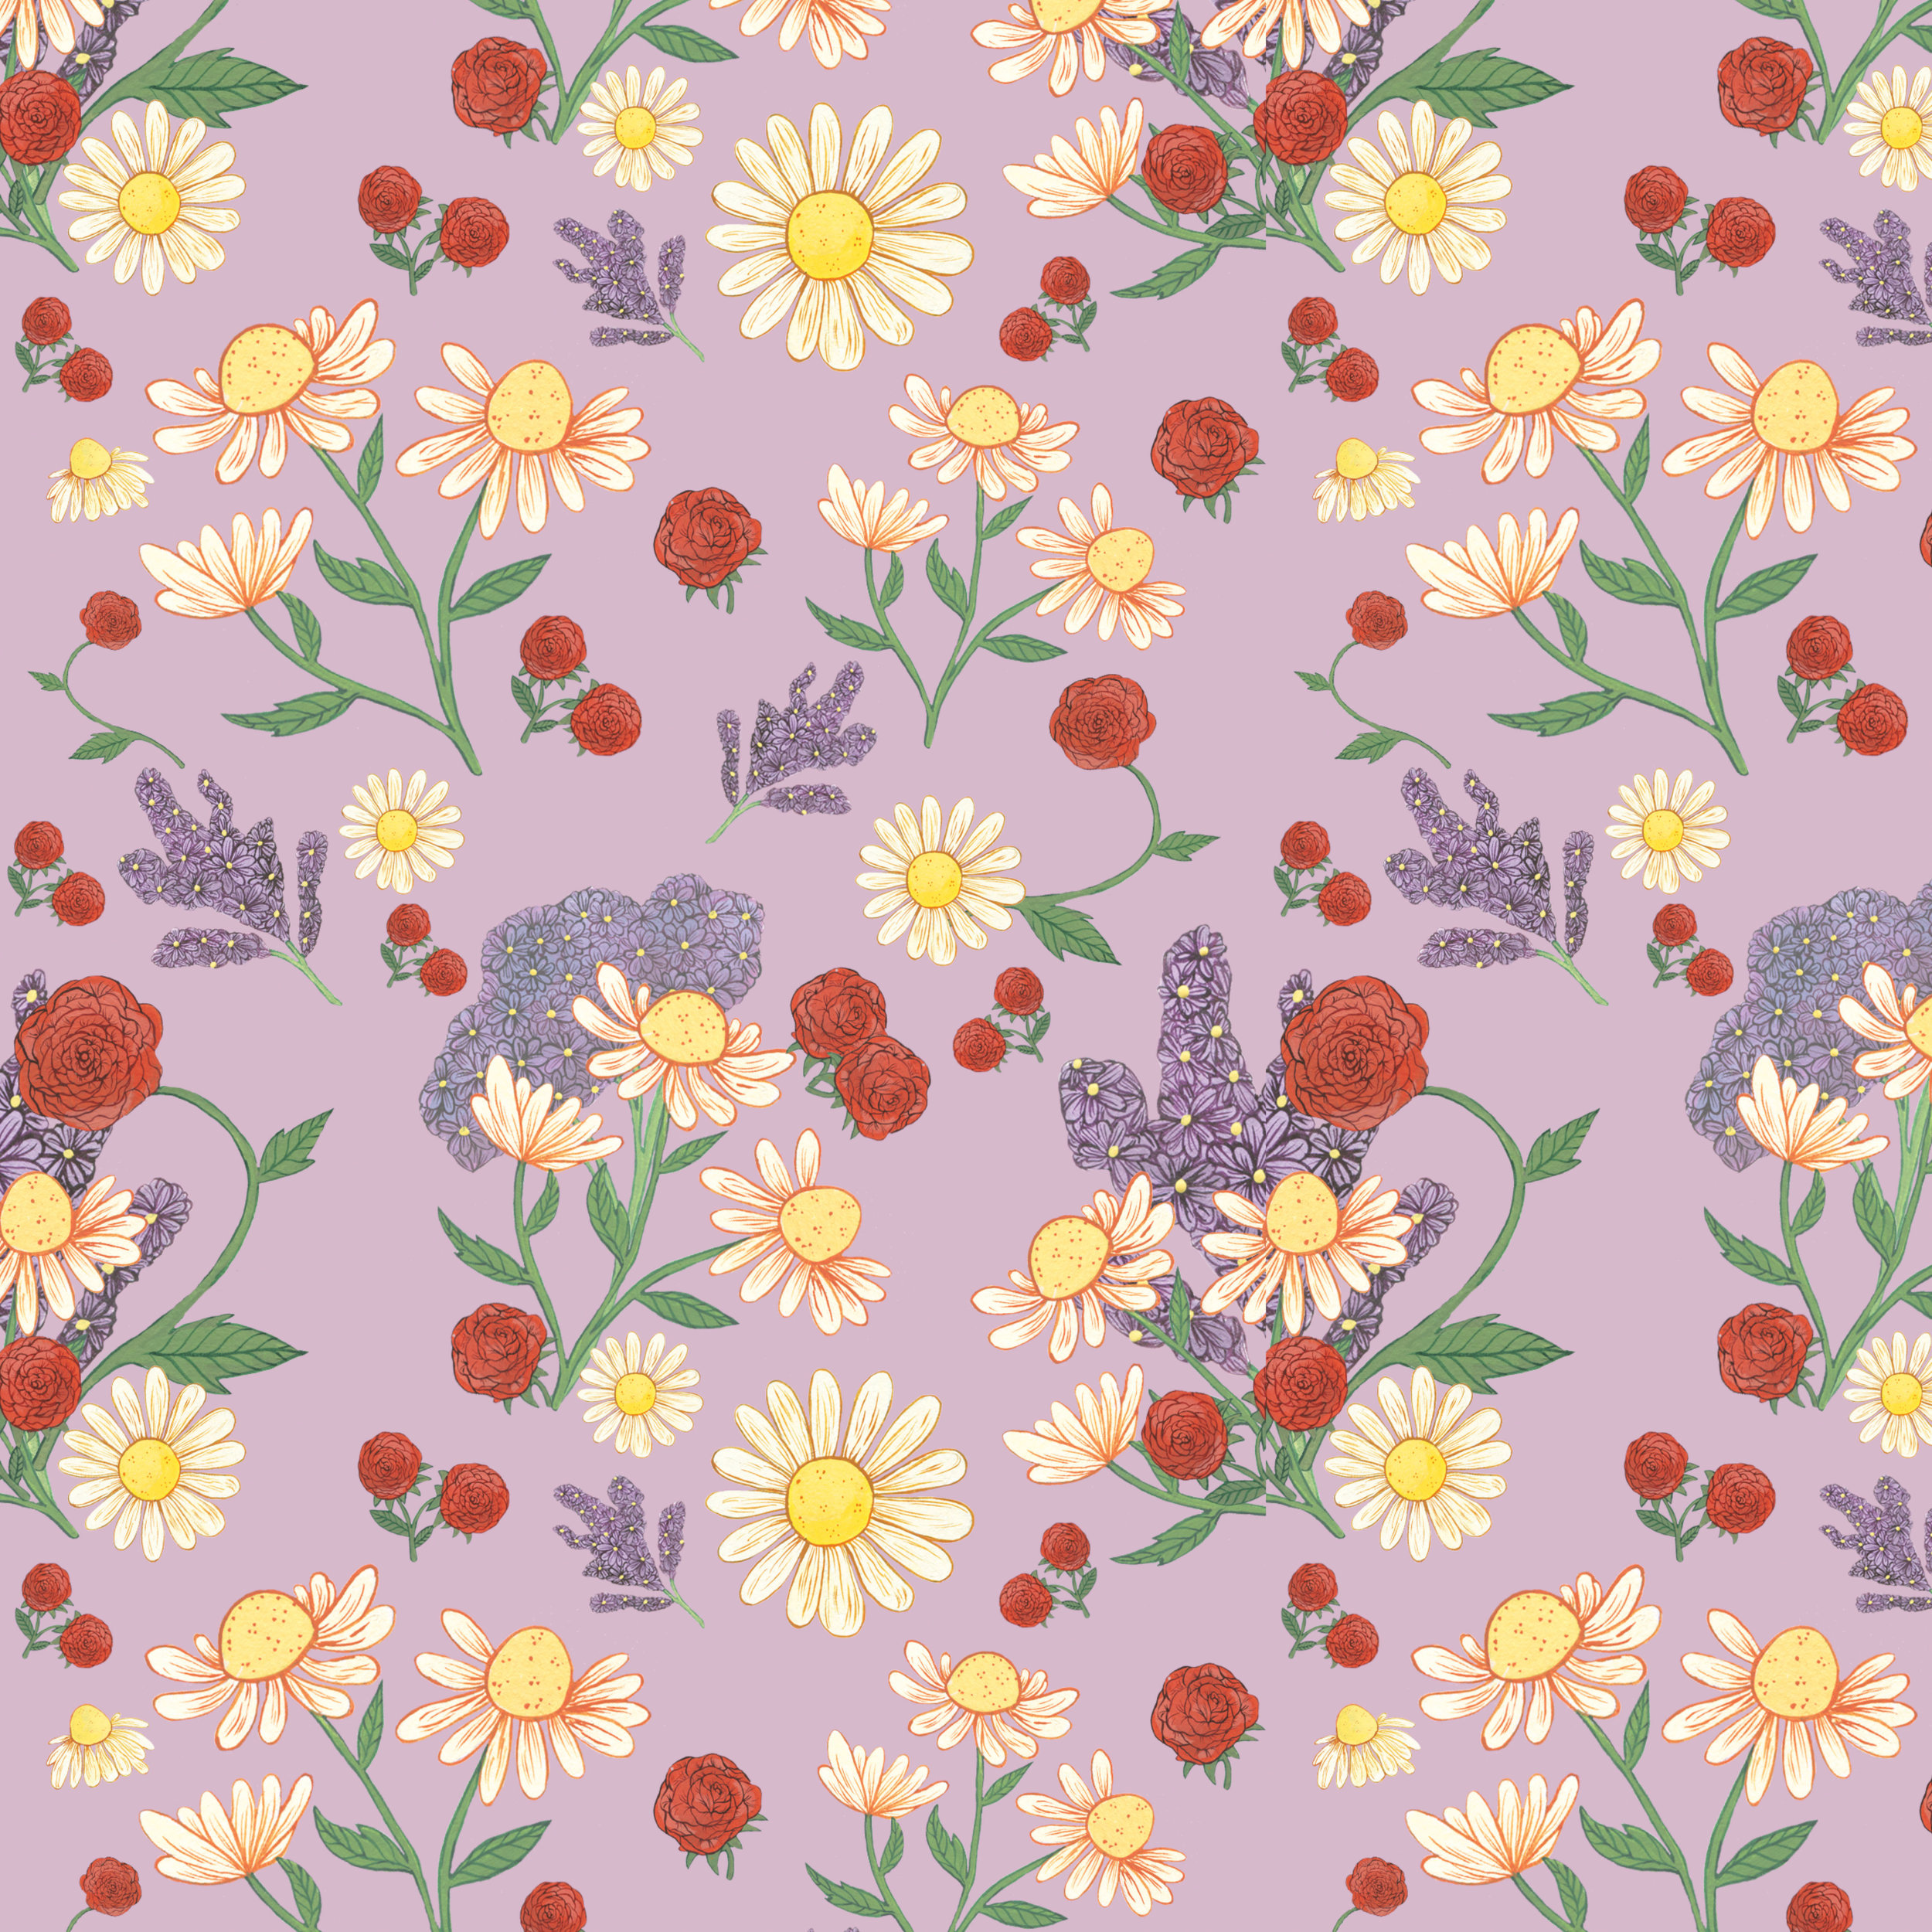 jubilee in lavendar s6 2.jpg